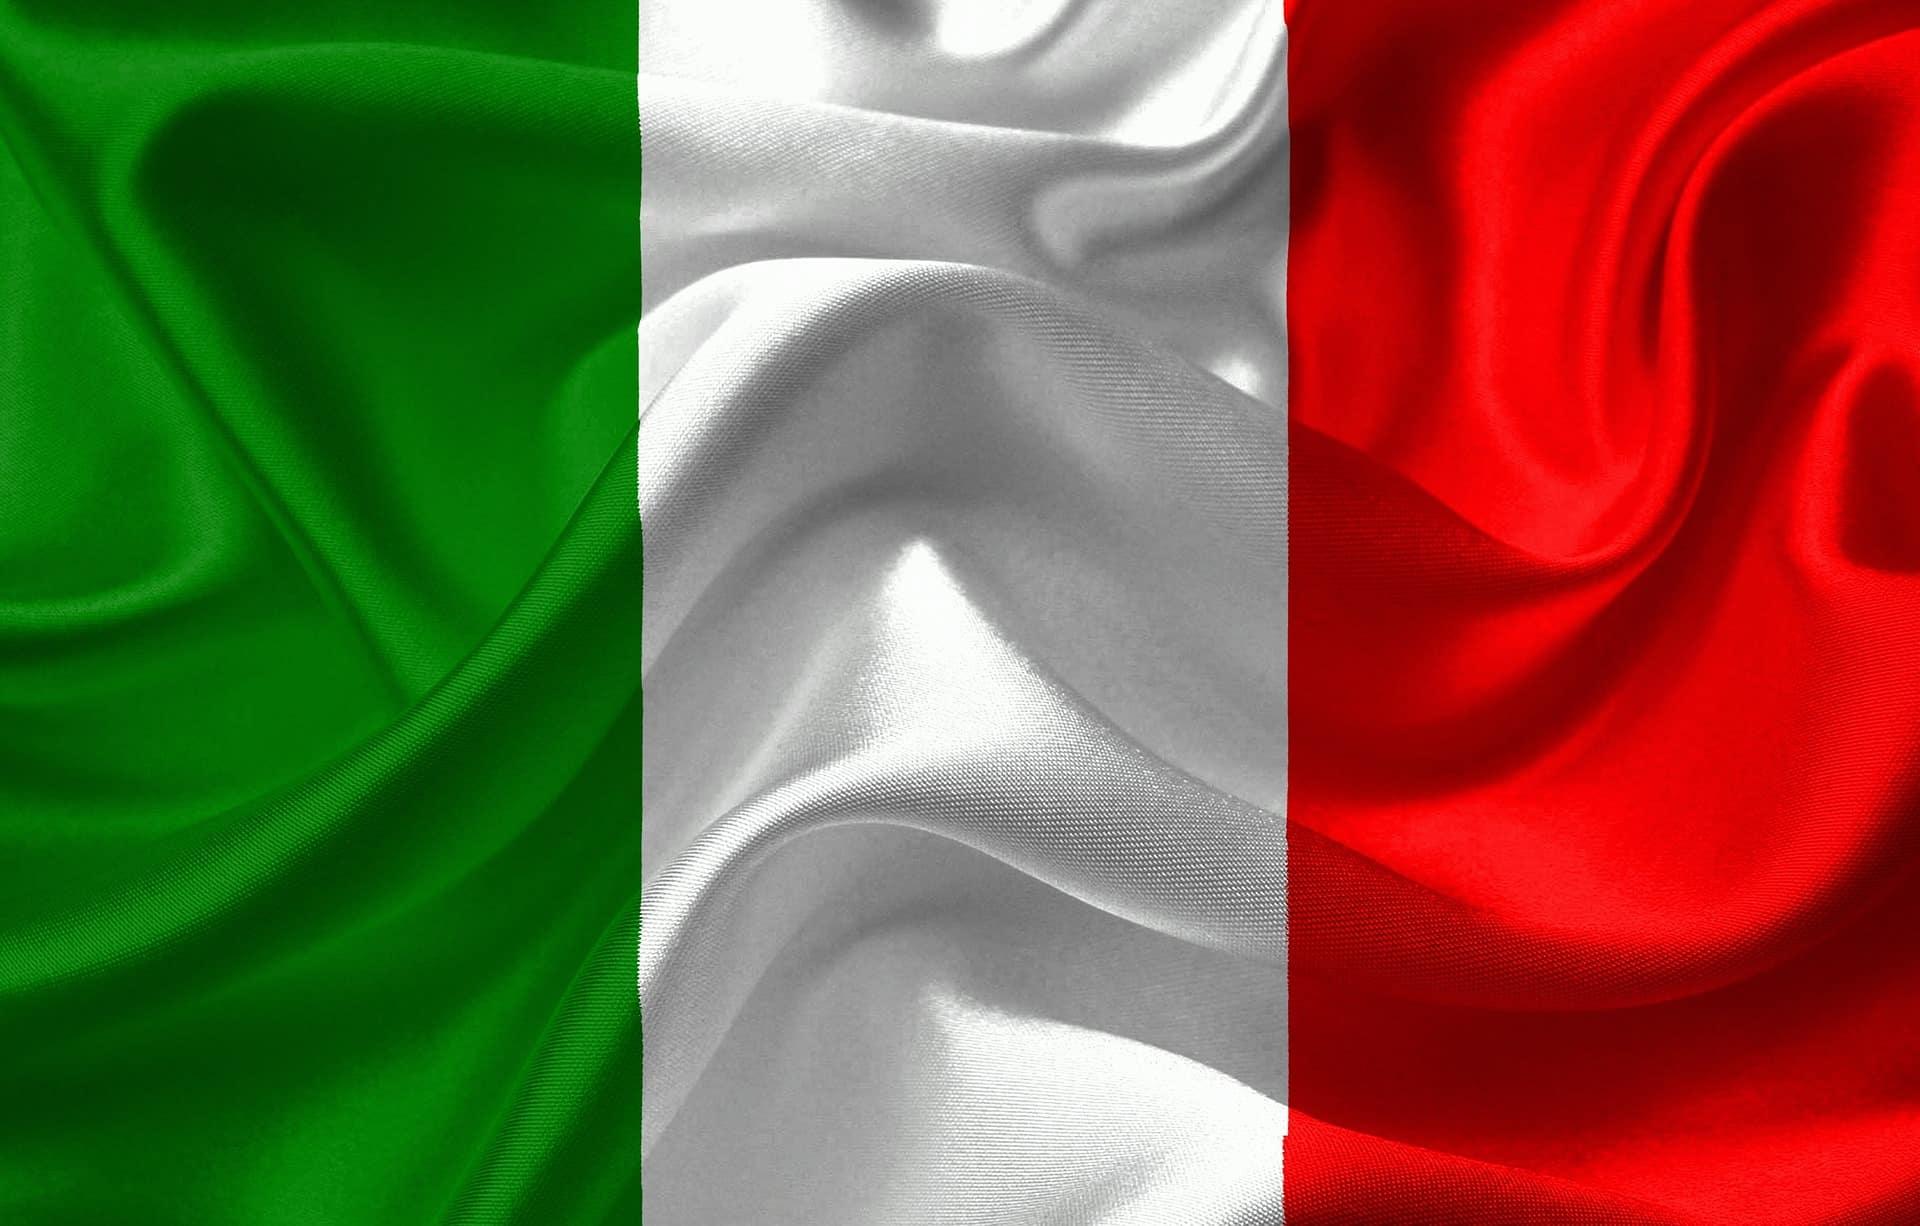 Législation italienne sur le cannabis